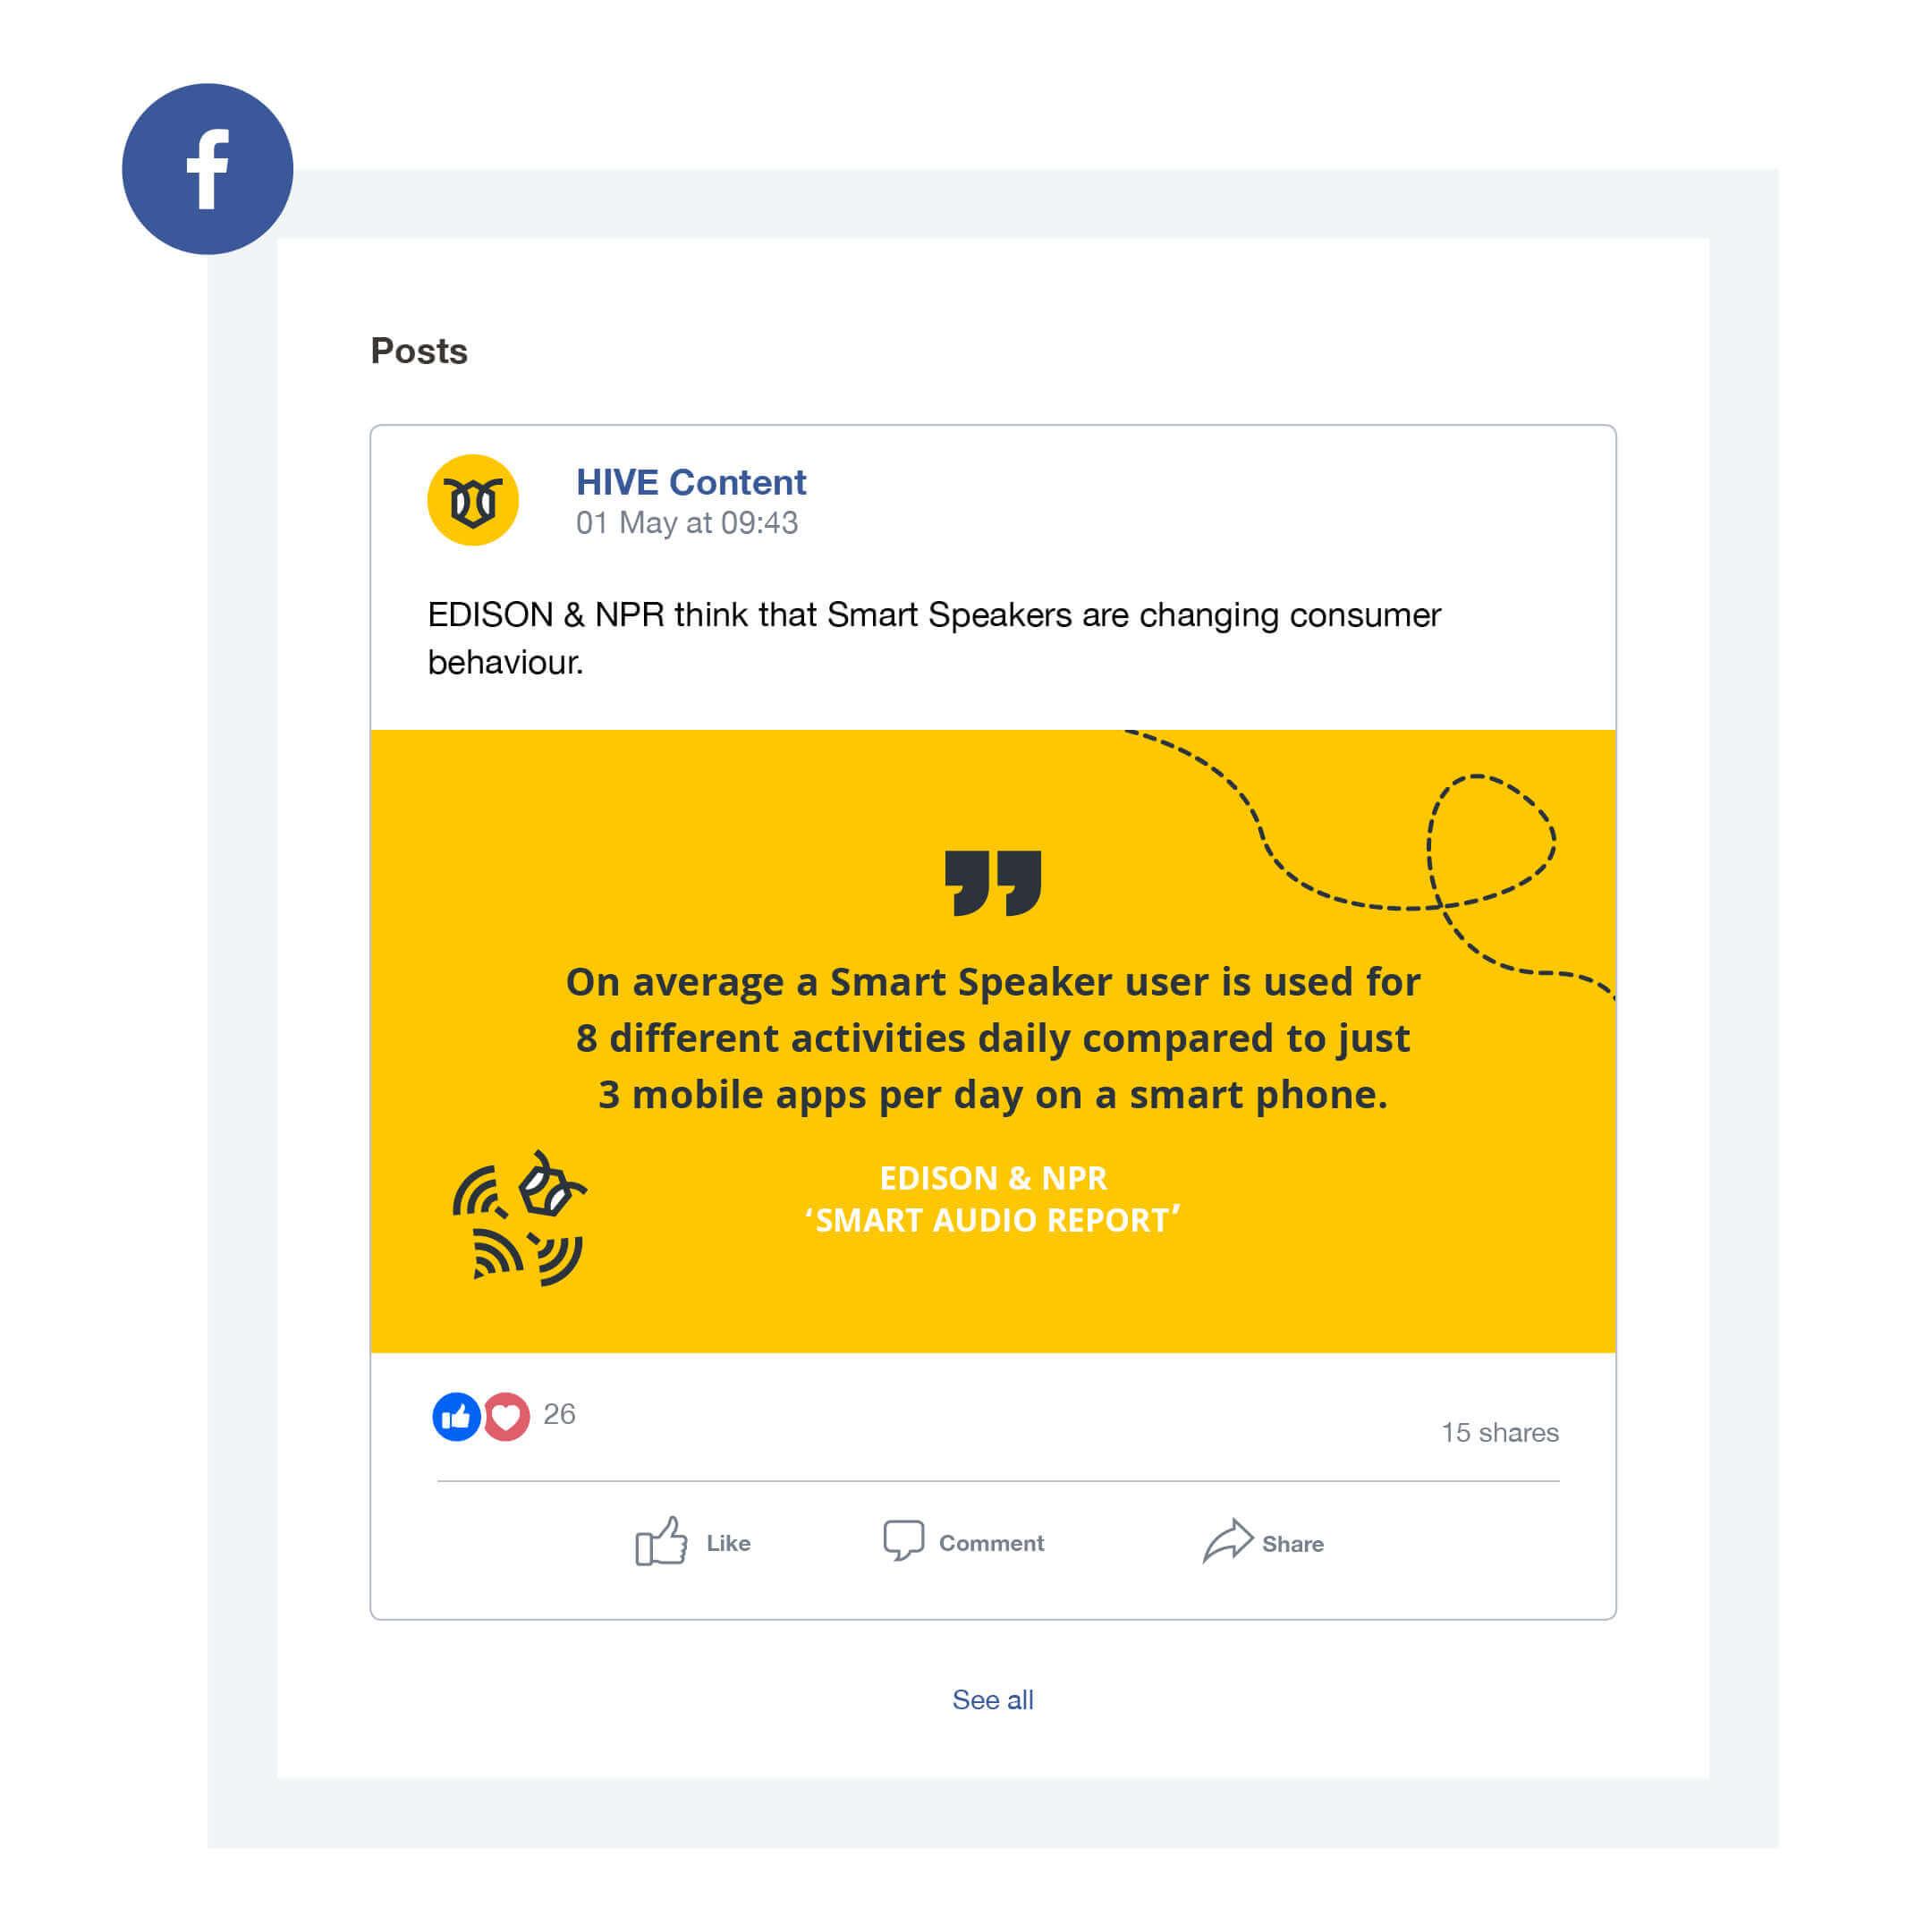 HIVE Content social media design